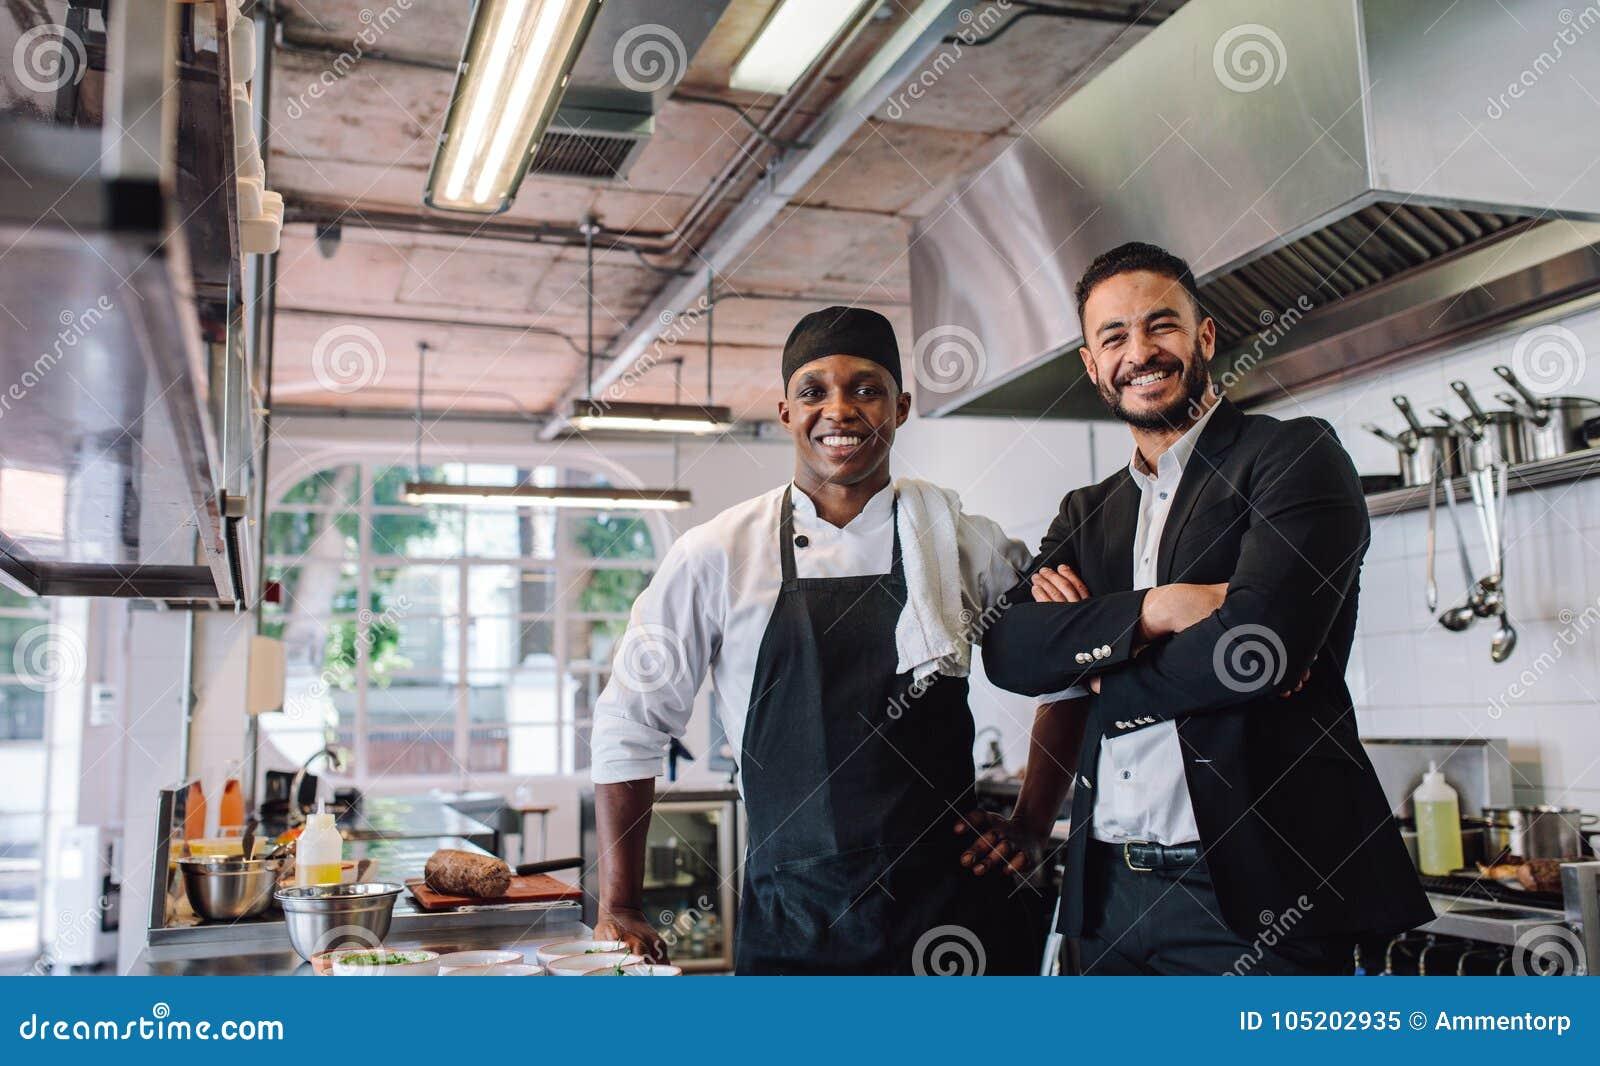 Restauranteigenaar met chef-kok in keuken